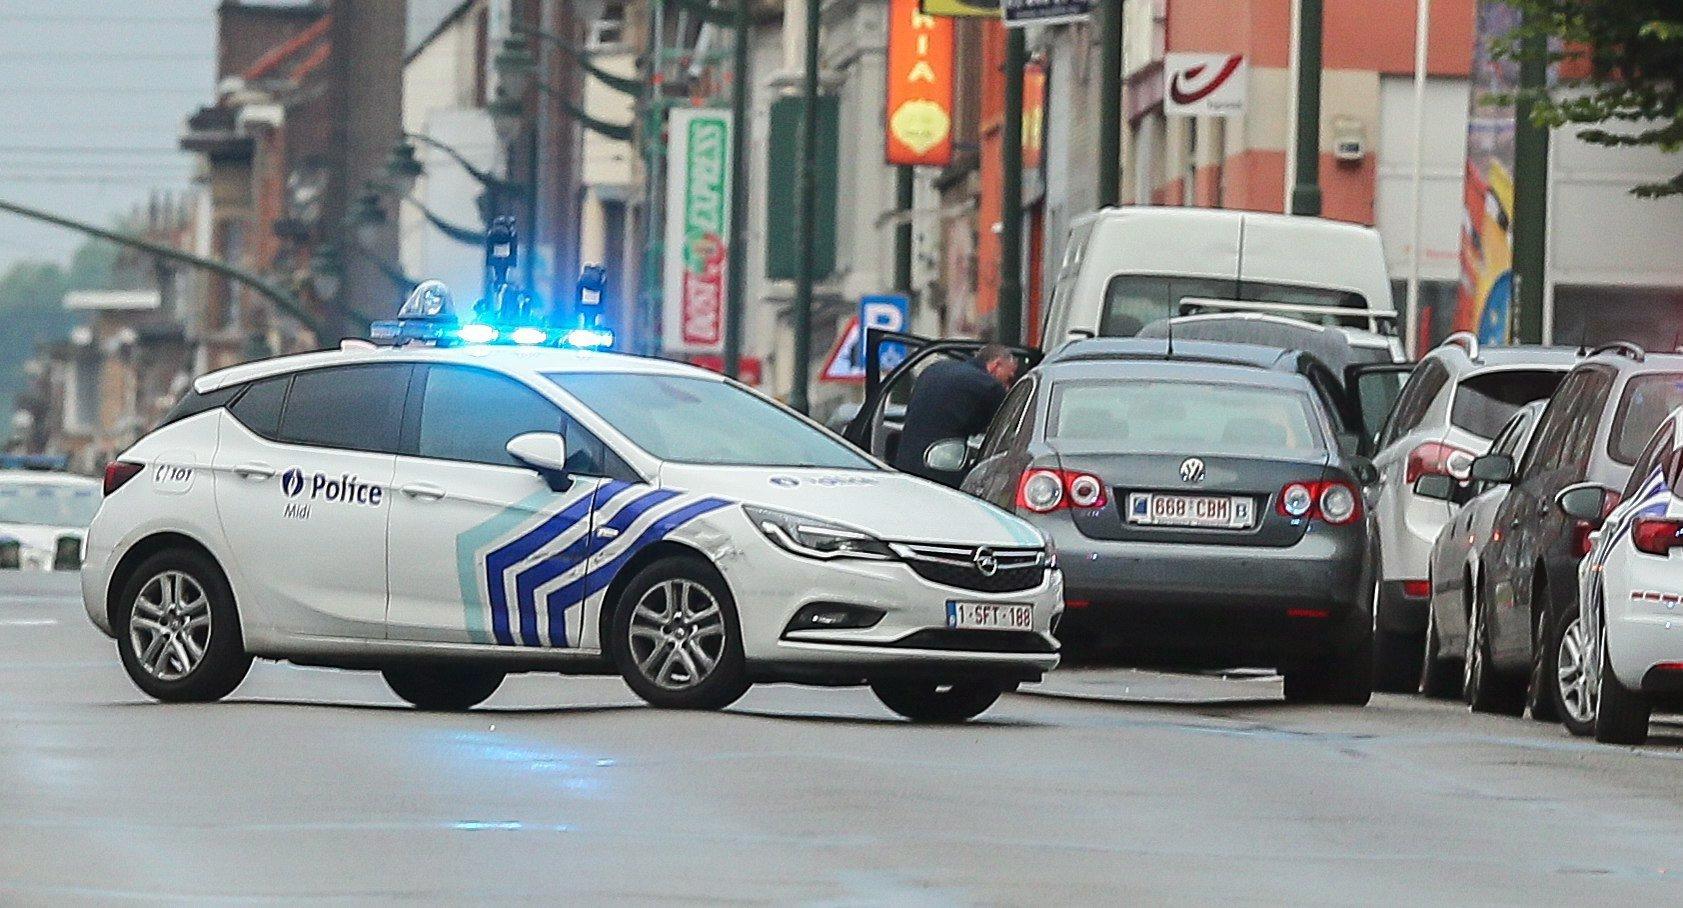 Brüsszel, 2017. augusztus 8. Rendőrautó a brüsszeli Molenbeek negyedben, ahol belga rendőrök autós üldözés után rálőttek egy gépkocsira, amelynek sofőrje azt állította, hogy robbanószer van nála, ennek azonban semmi nyomát nem találták a tűzszerészek. Az incidensben senki sem sérült meg. (MTI/EPA/Stephanie Lecocq)